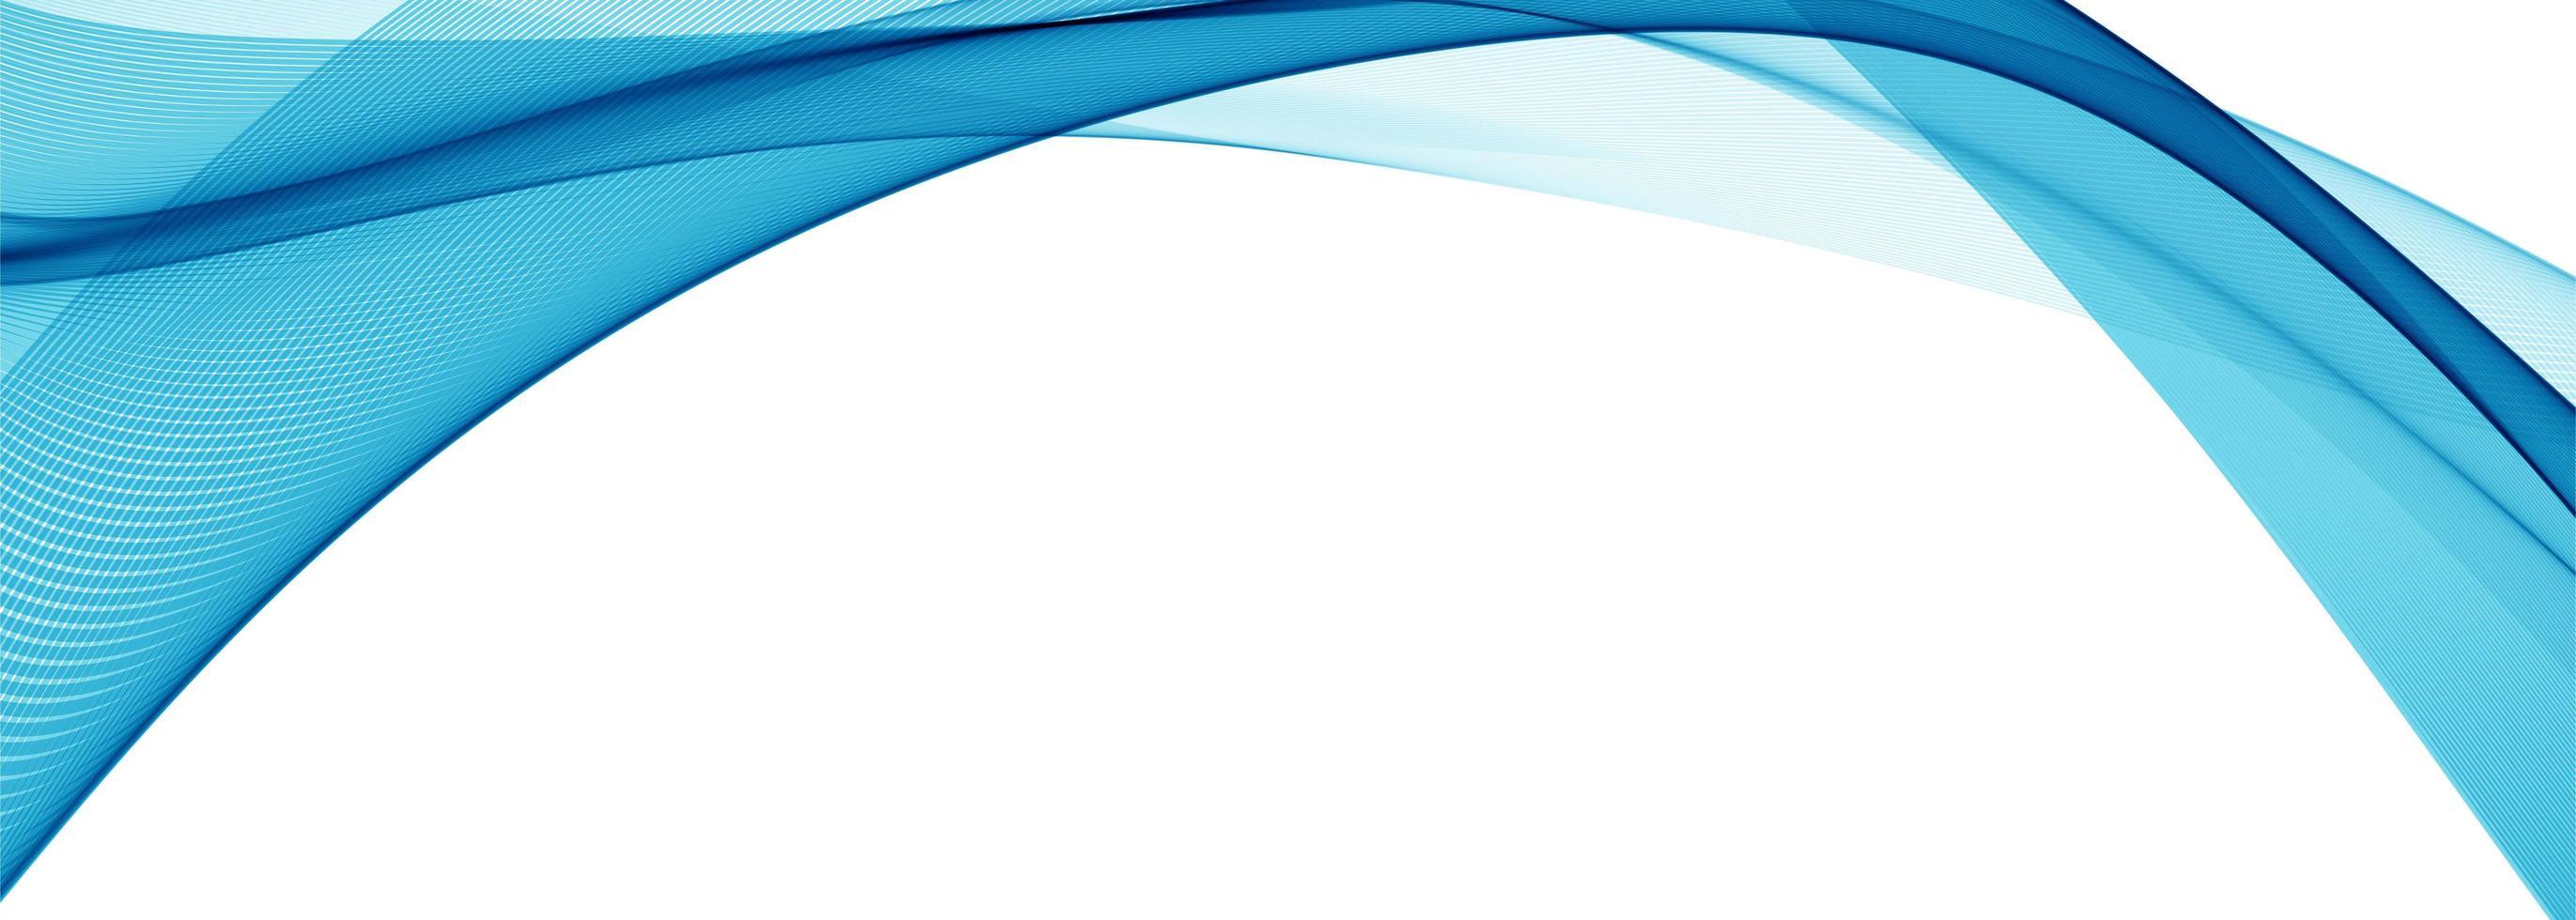 Moderner stilvoller blauer Wellenfahnenhintergrund vektor